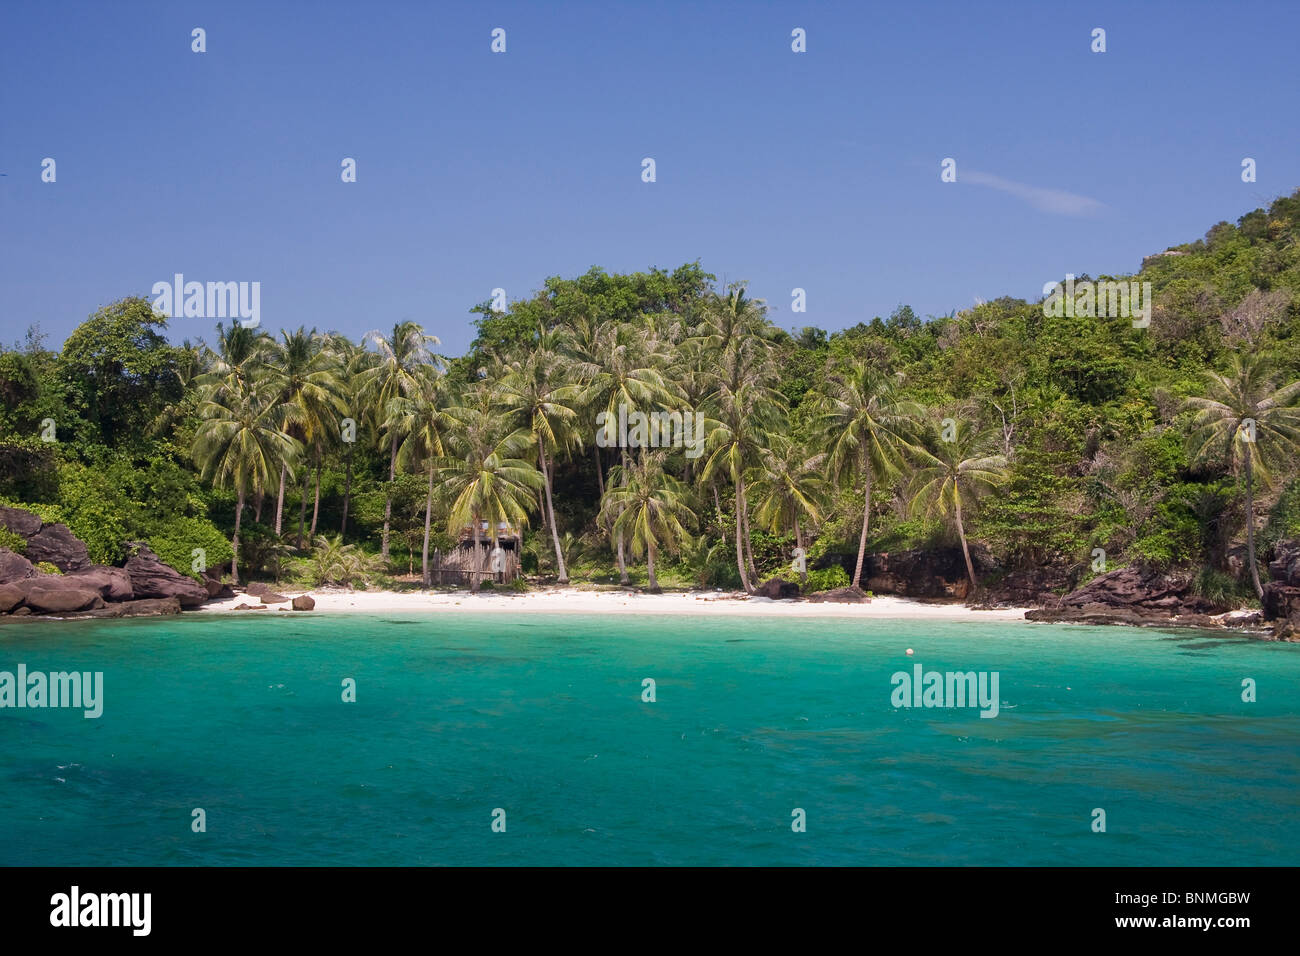 Atmosfera ambiente sogno spiaggia da sogno paradiso di vacanza isola come outdoor lungo palm Phu Quoc mare di sabbia Immagini Stock